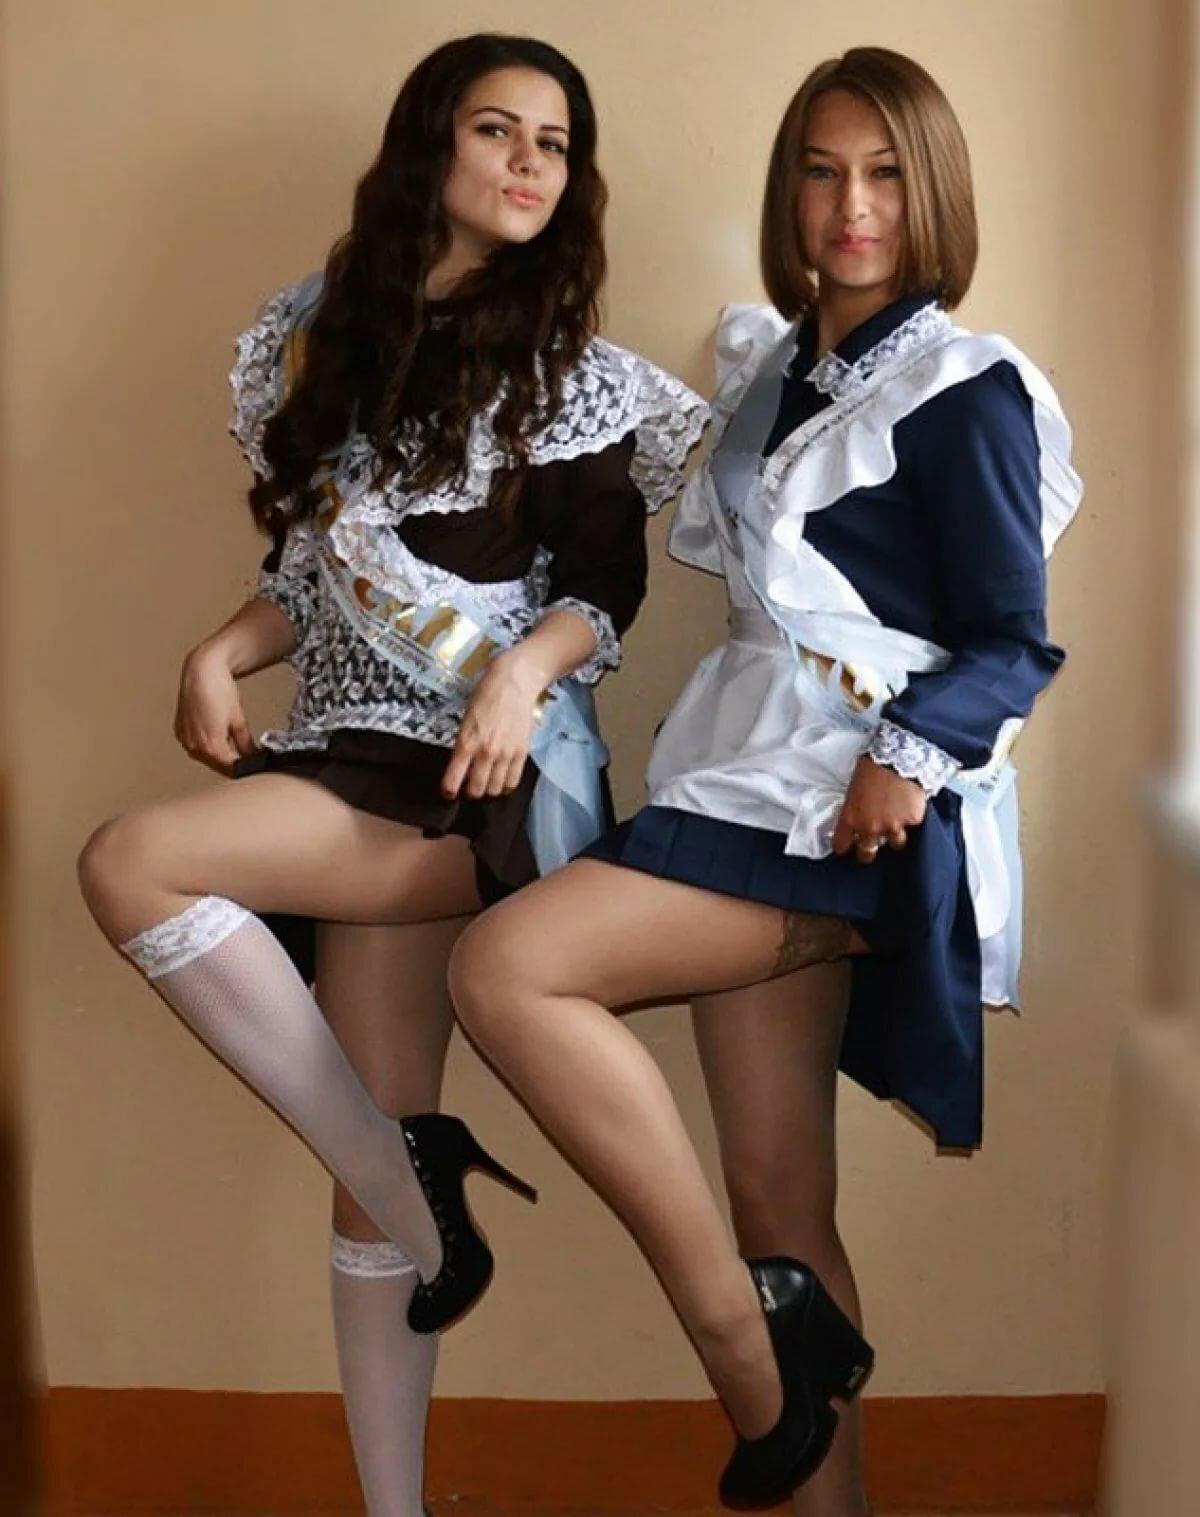 razvratnie-studentki-ero-fotki-russkaya-molodezh-na-porno-kastinge